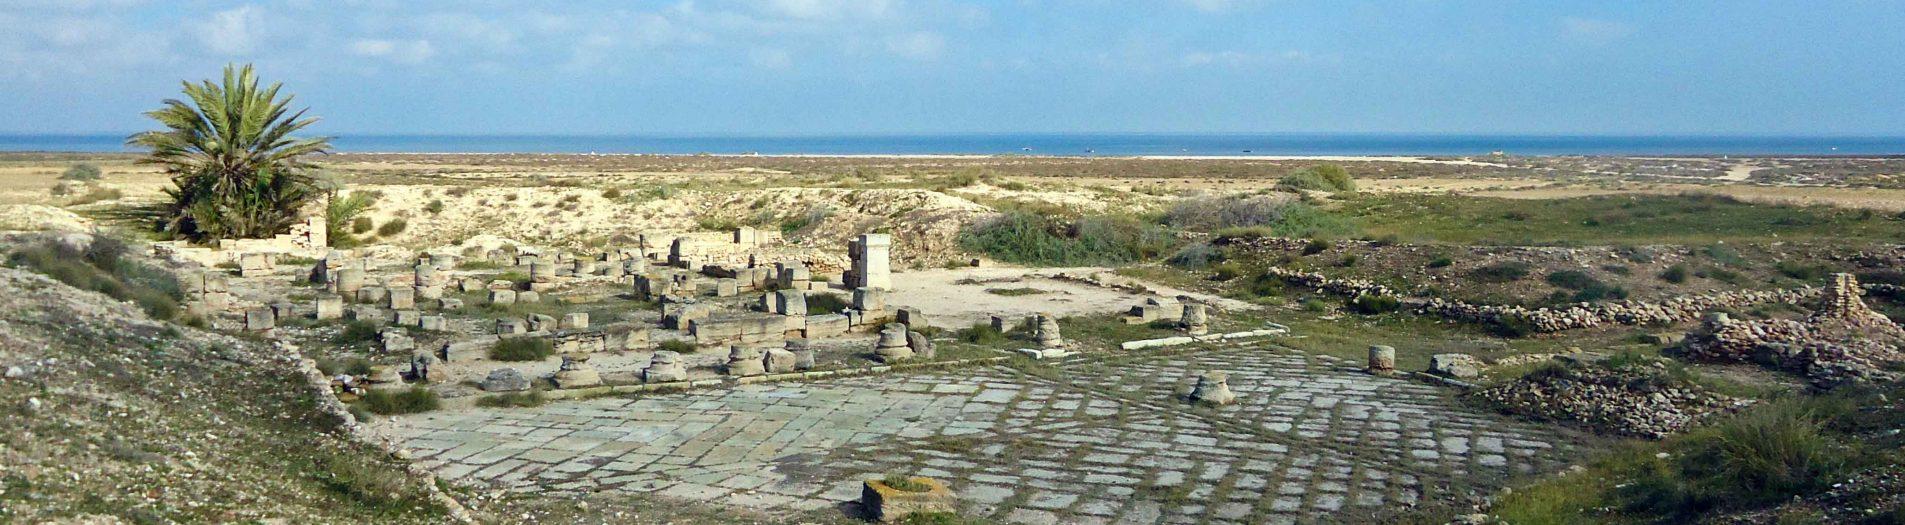 Le site archéologique d'Acholla à Sfax